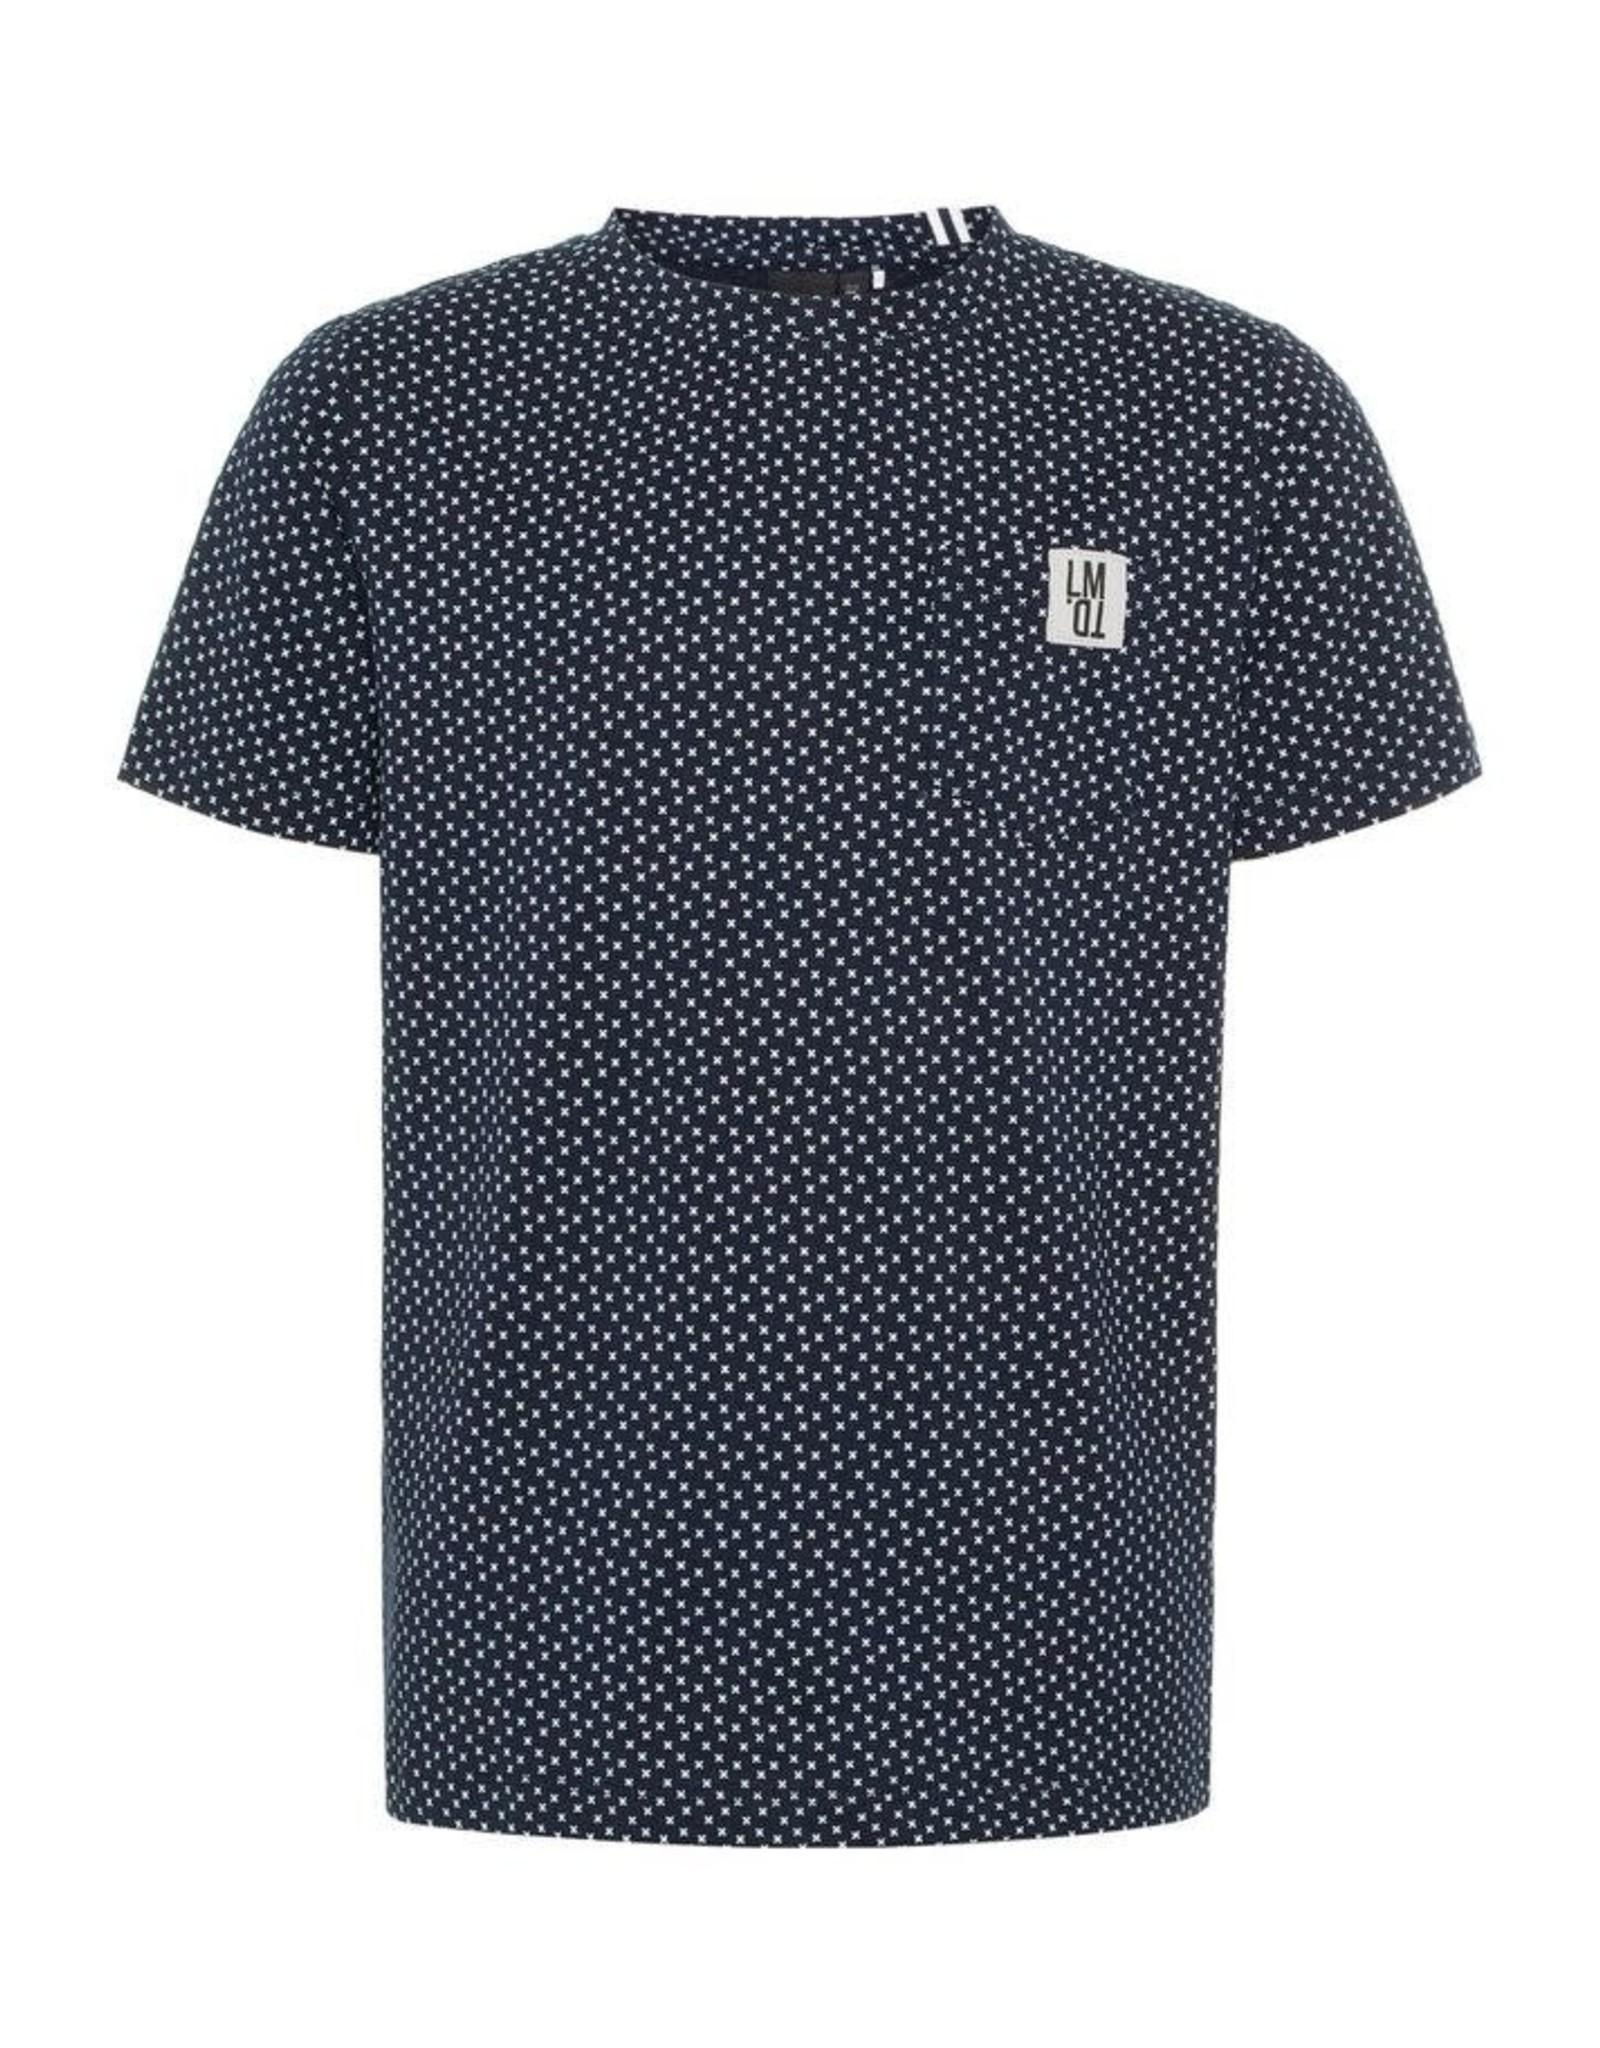 Name It Name It LMTD T-shirt Met Kruisjes (2 Kleuren)